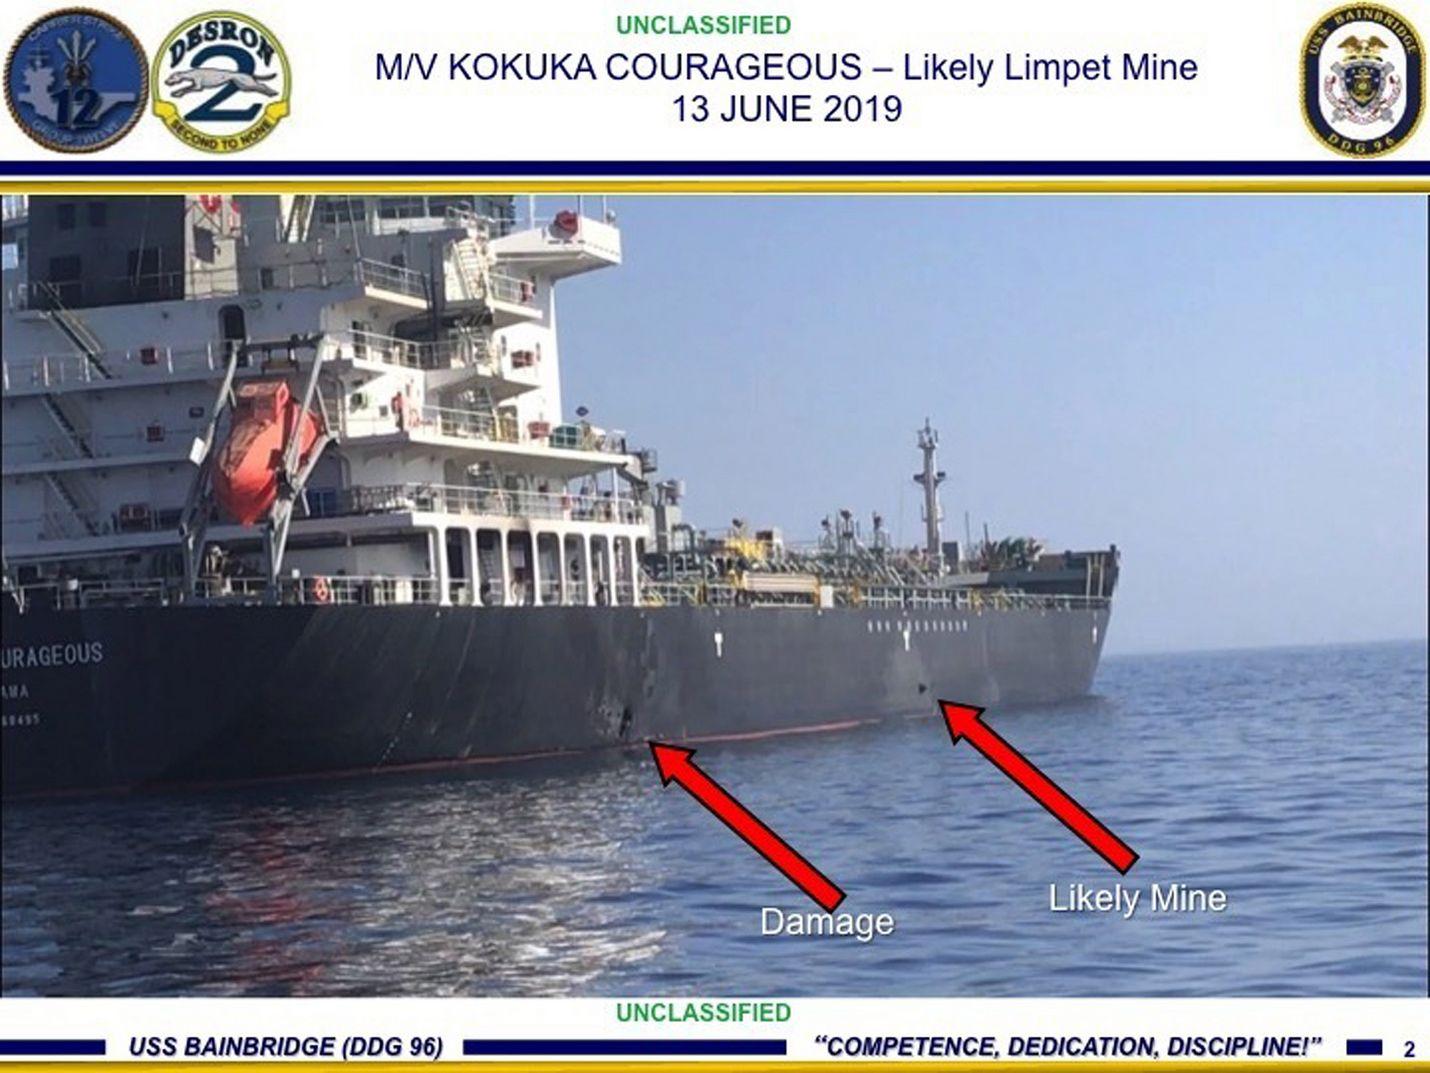 Yhdysvaltojen laivaston välittämässä kuvassa näkyy sen mukaan Kokuka Courageous alukseen räjähdyksessä tullut vahinko ja esine, joka on Yhdysvaltojen mukaan miina. Kuva on otettu torstaina, jolloin iskut tapahtuivat.